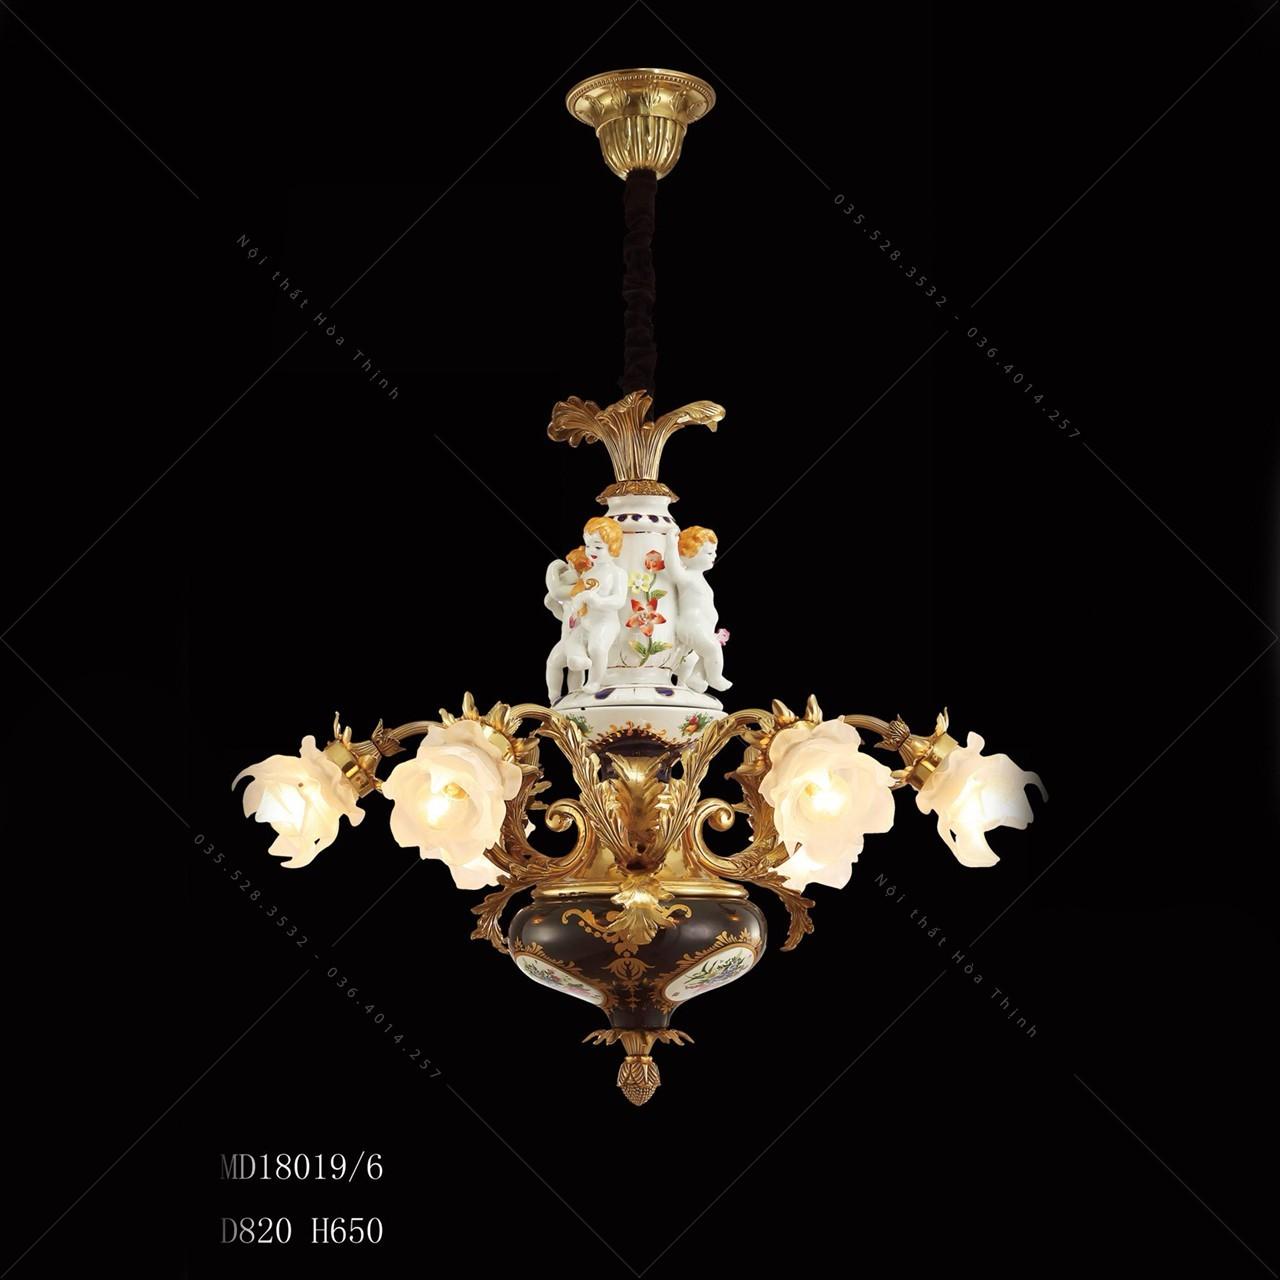 đèn chùm giá 1 triệu MD180196